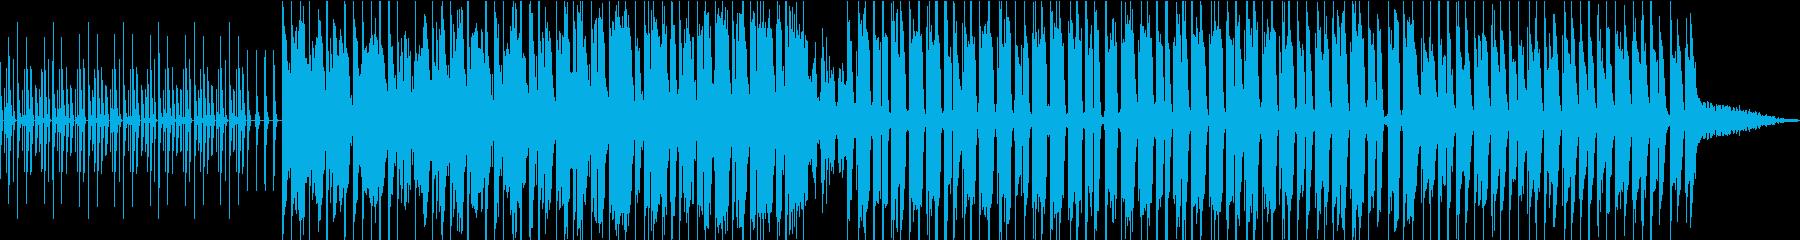 まるで行進しているようなEDMの再生済みの波形